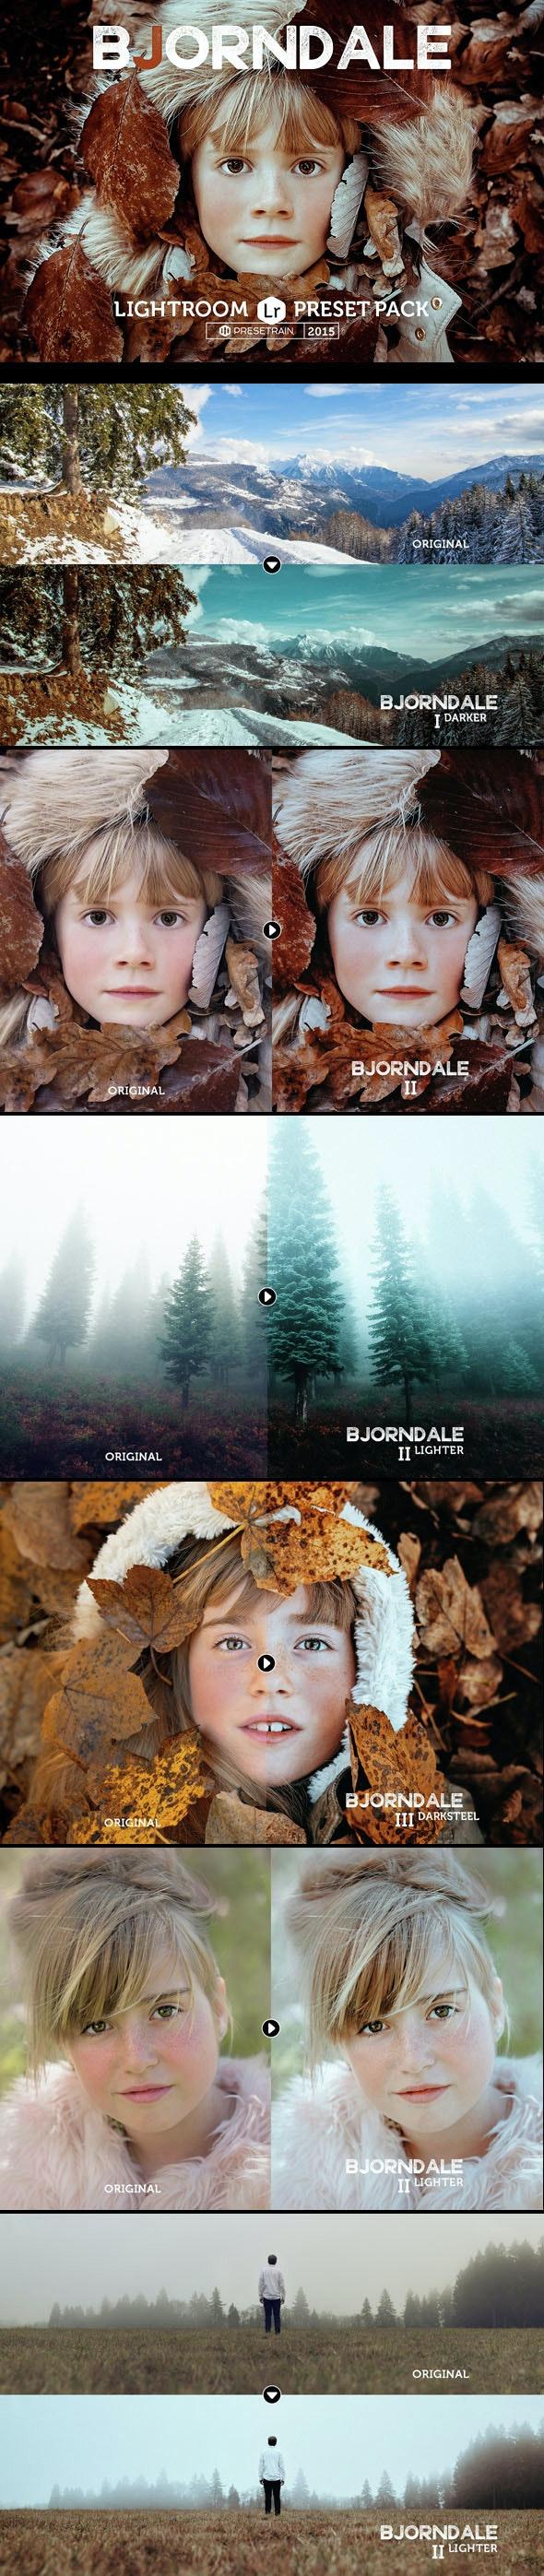 Bjorndale Lightroom Preset Pack - Landscape Lightroom Presets